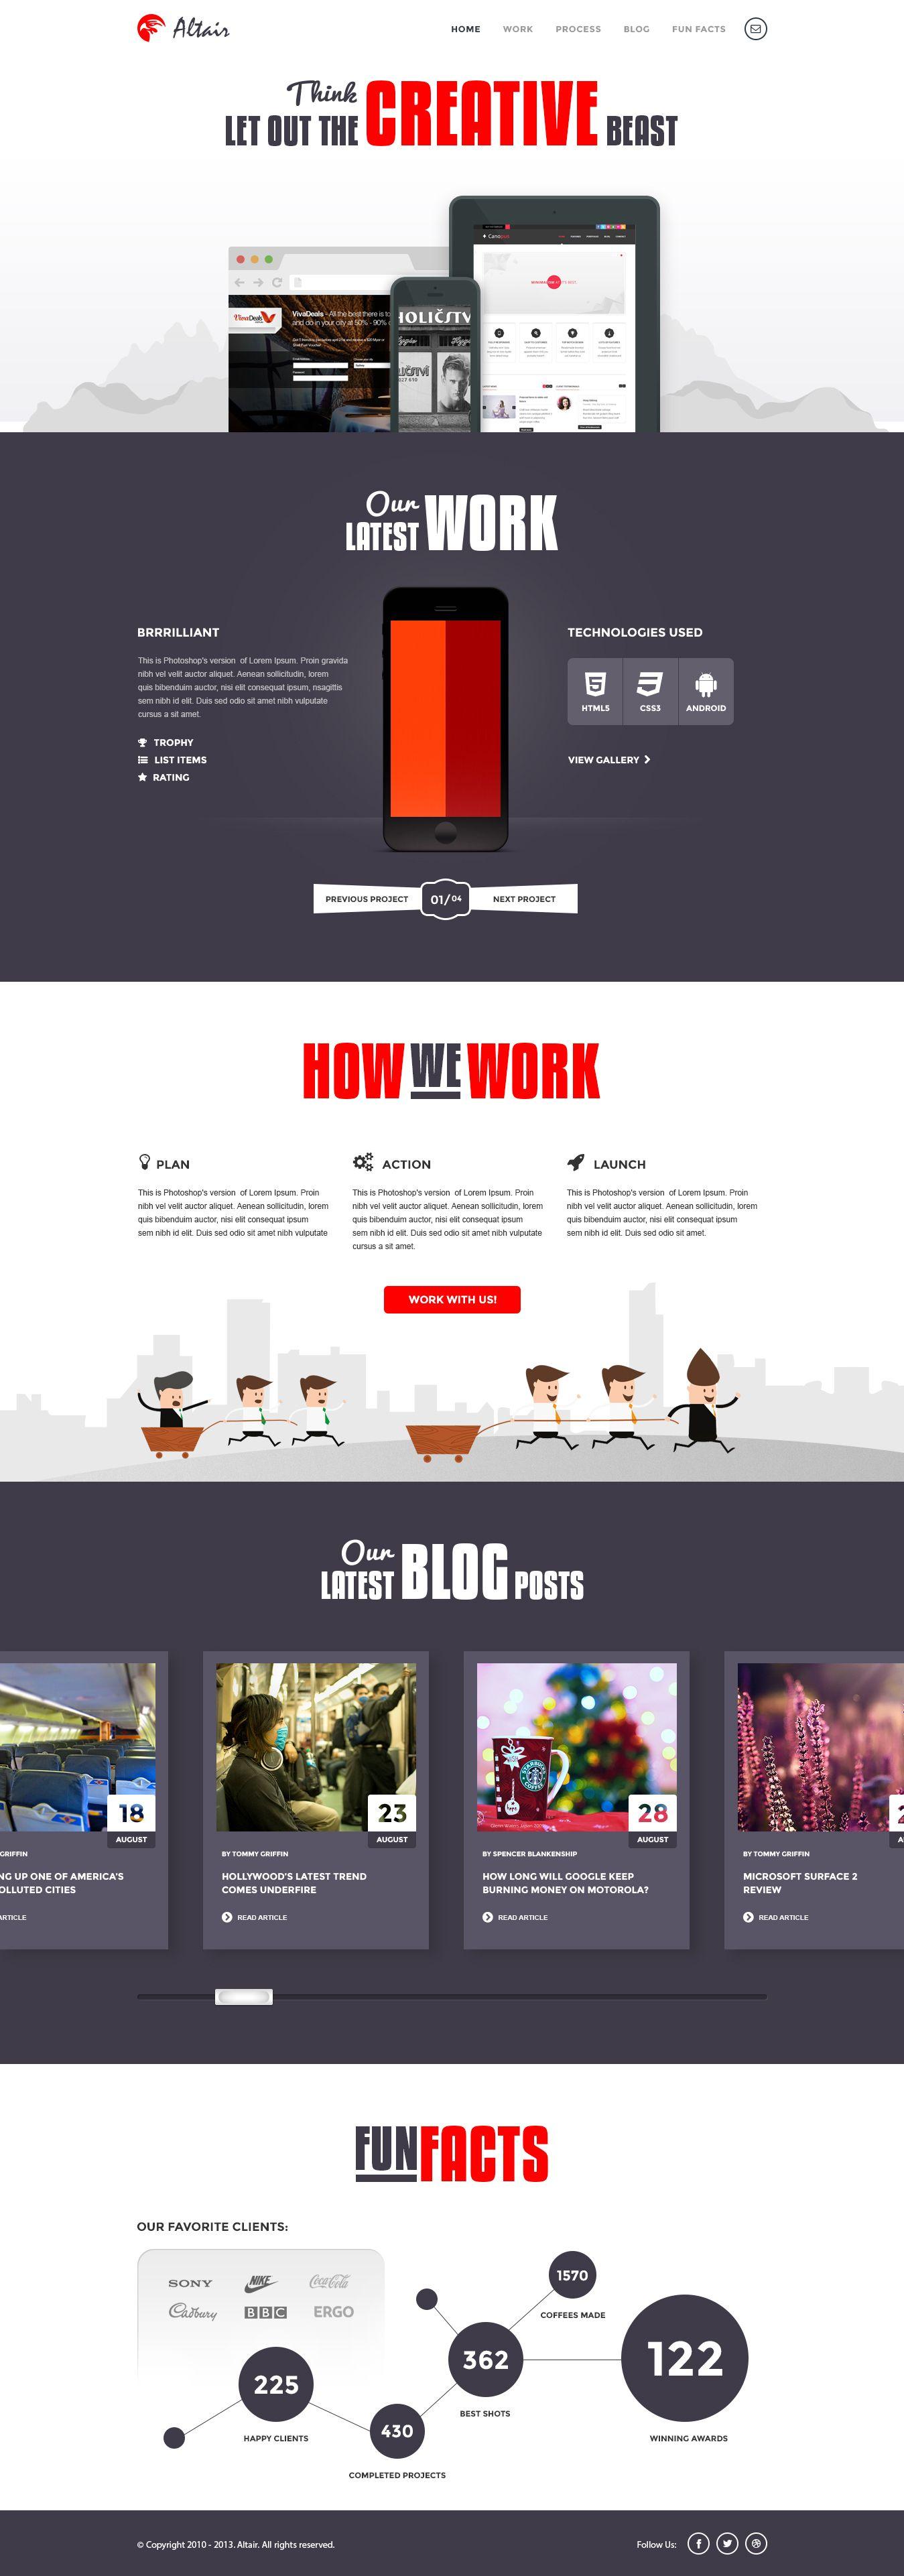 Cool Web Design On The Internet Altair Webdesign Webdevelopment Website Bespokedigitalmedia Web Design Freebies Web Template Design Design Freebie